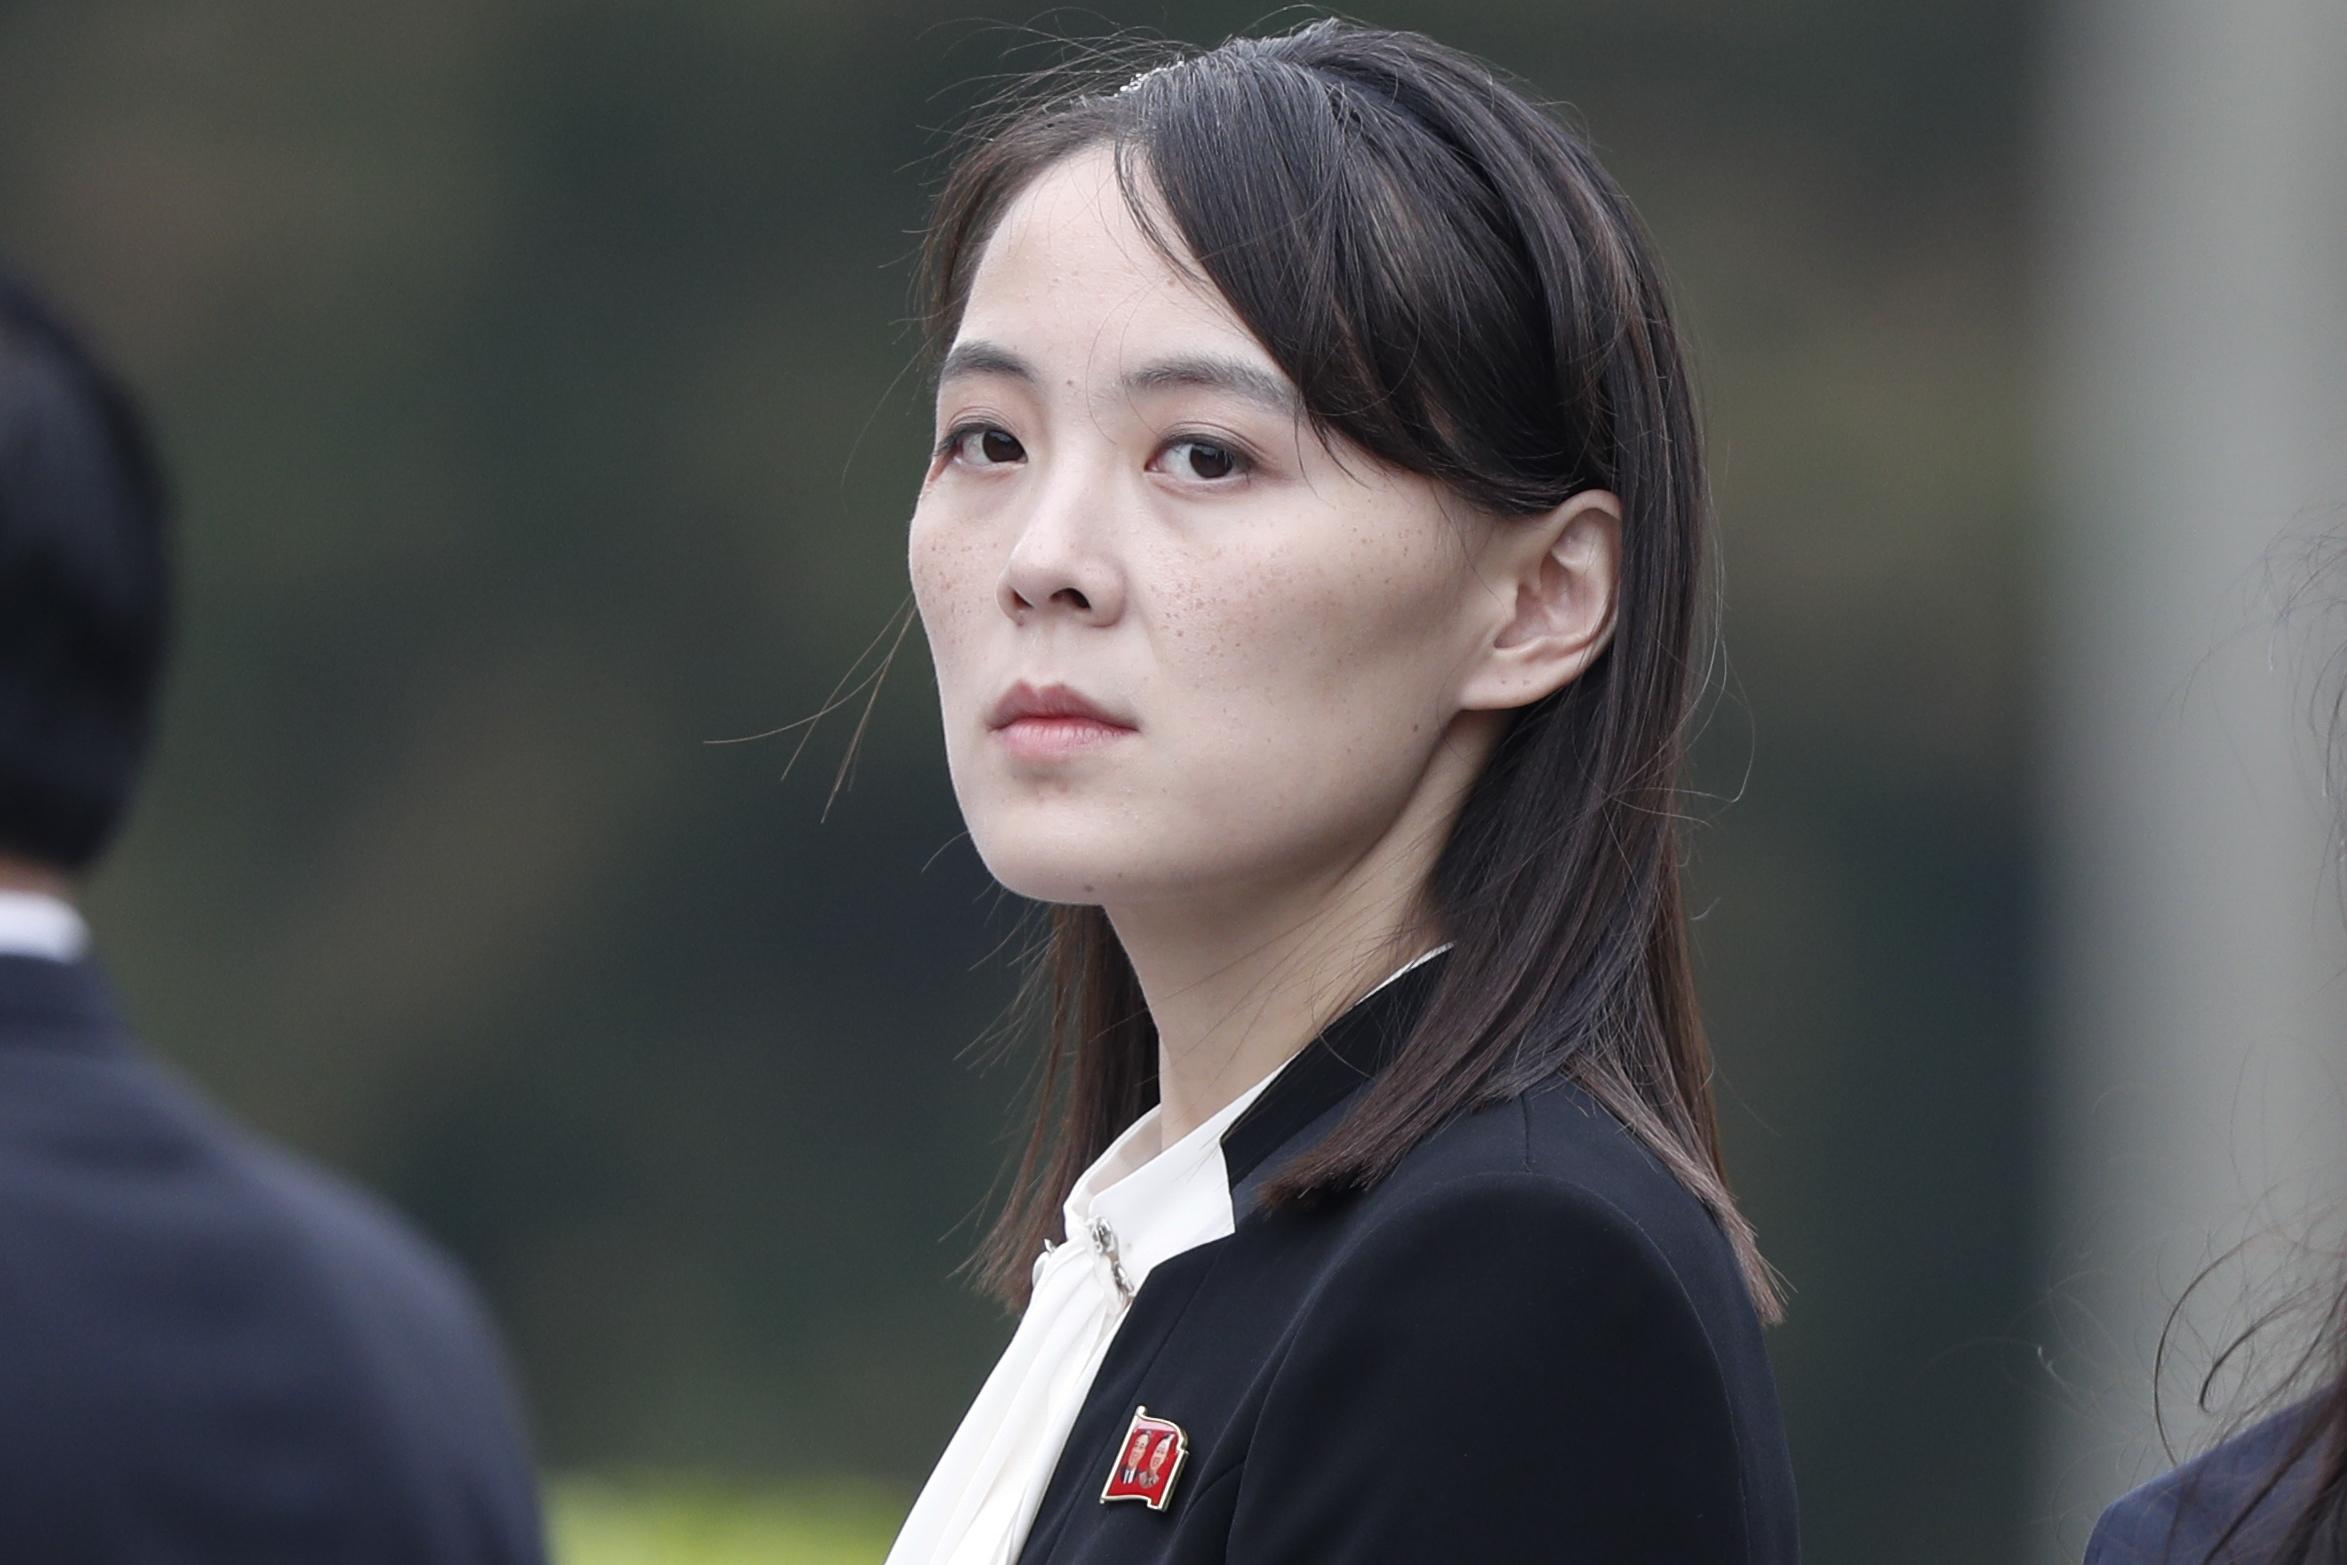 """Kim Jo Dzsong: Észak-Korea készen áll tárgyalni, ha Dél-Korea felhagy az """"ellenséges politikájával"""""""